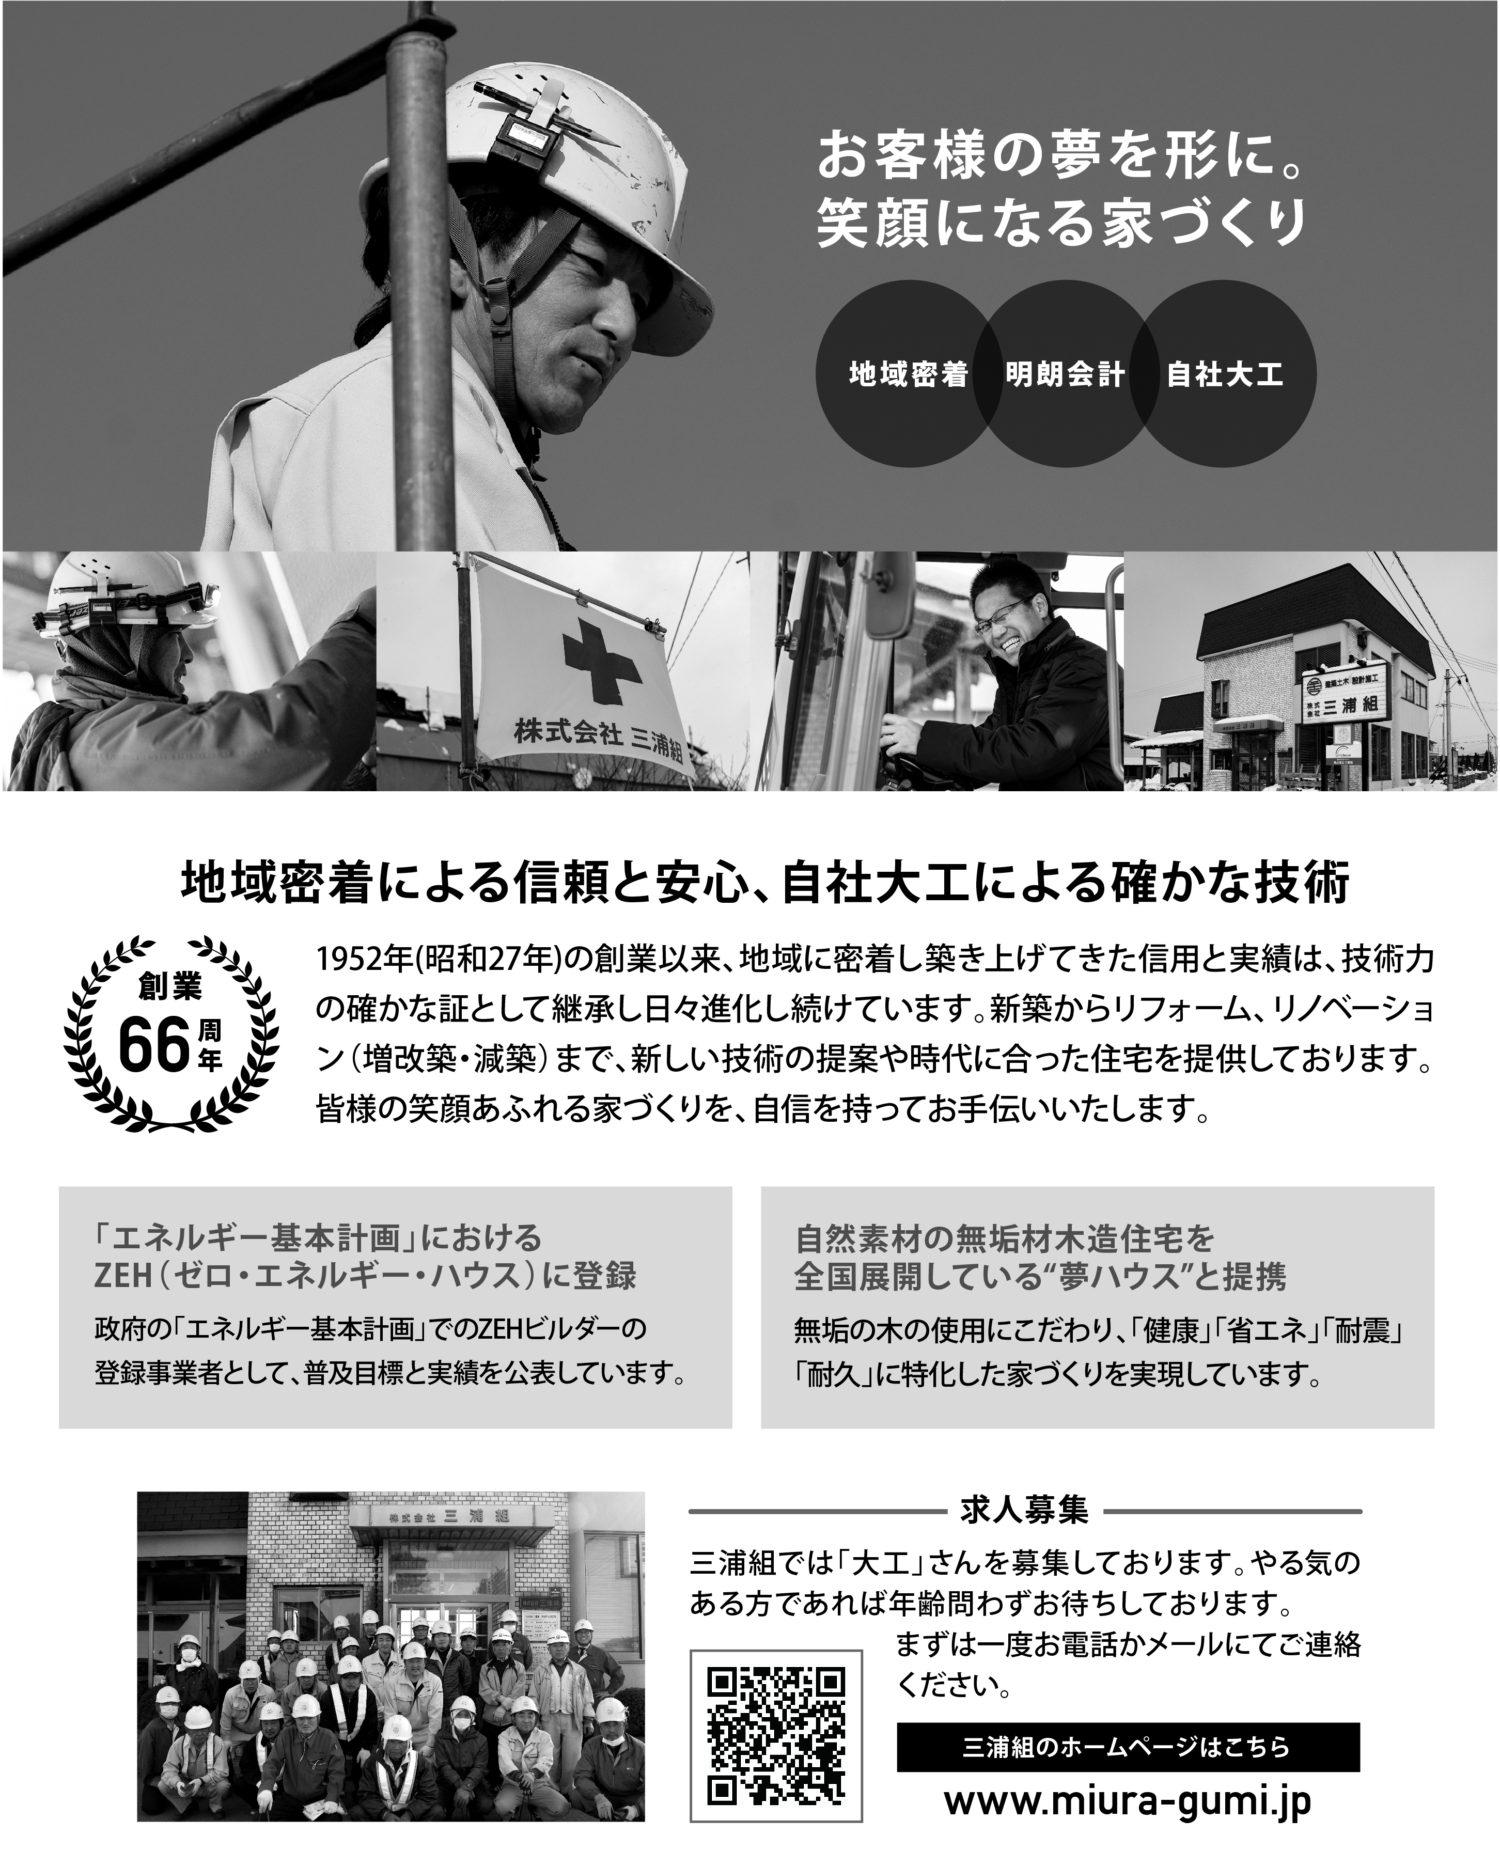 株式会社三浦組 広告